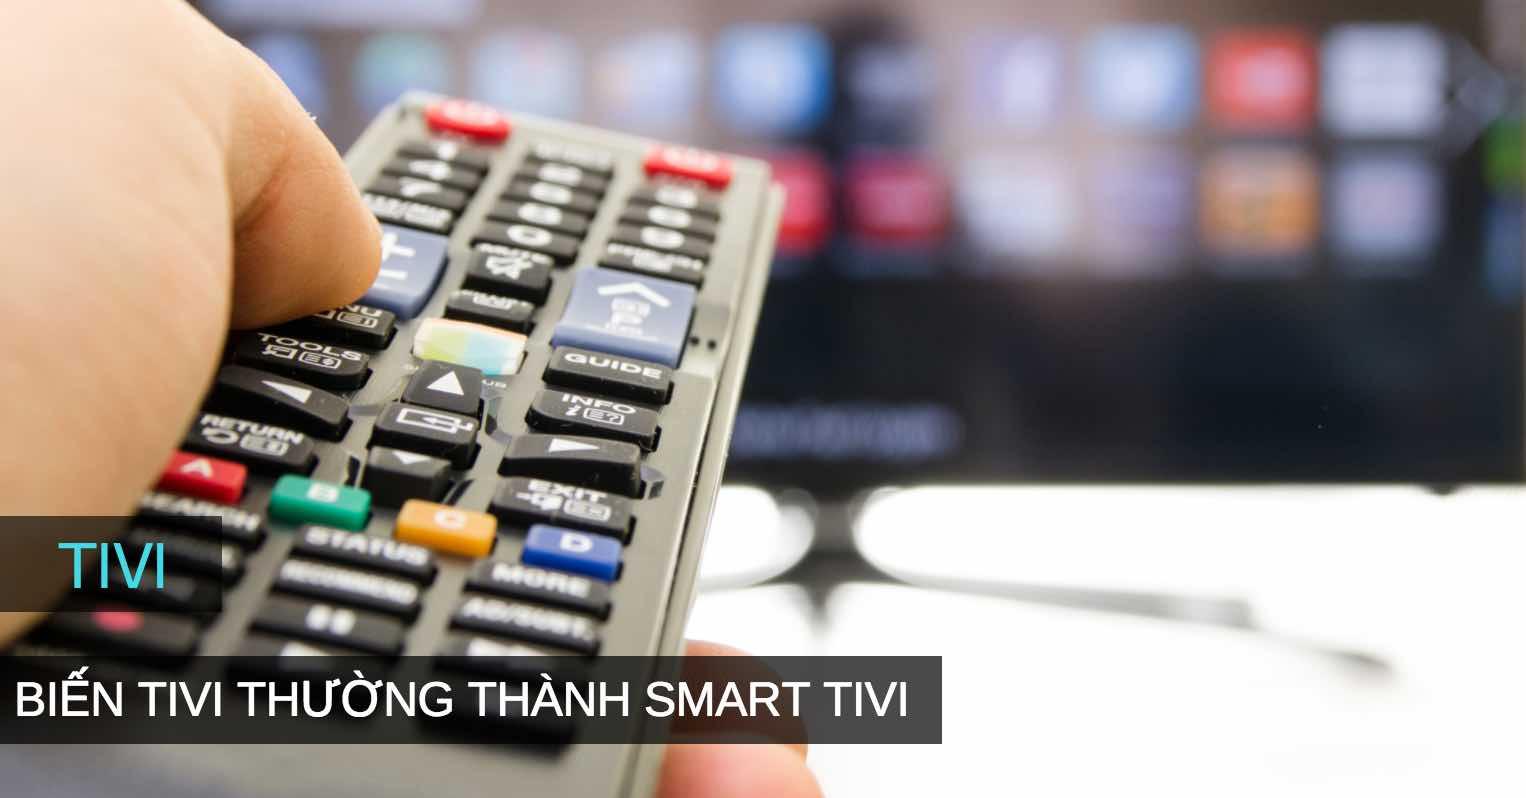 bien tivi thuong thanh smart tivi